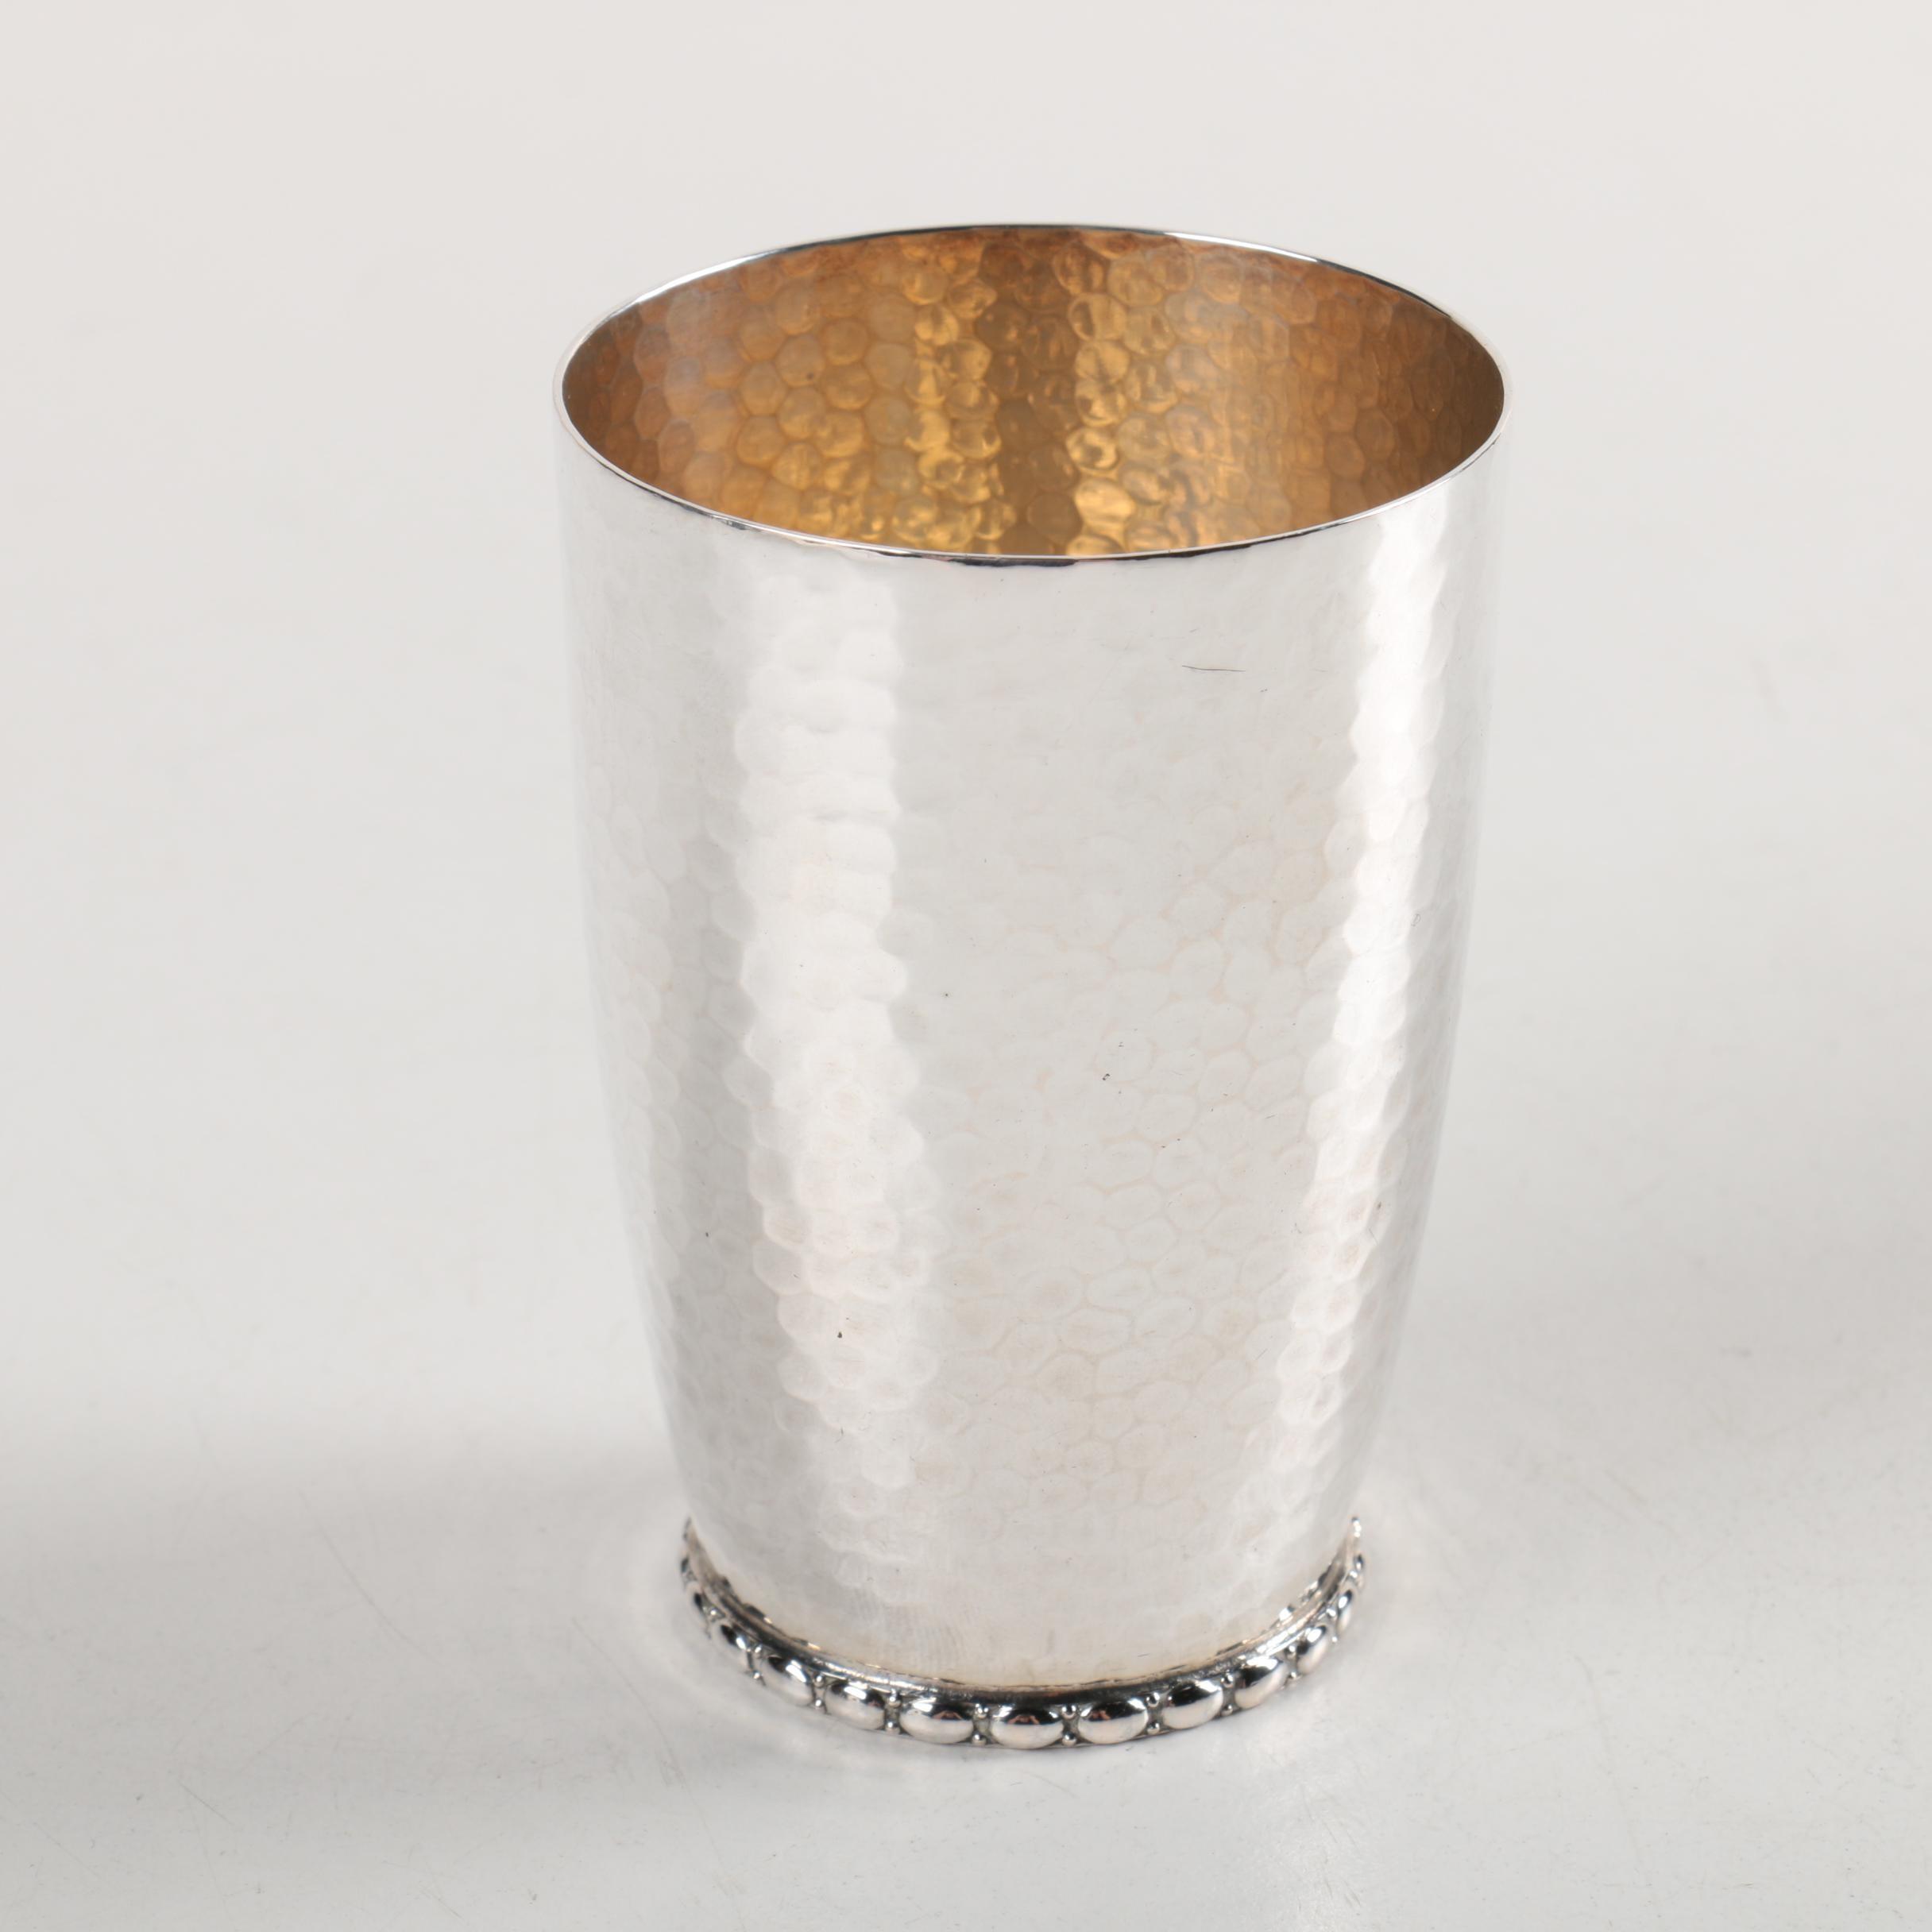 Wilhelm Binder German 800 Silver Cup